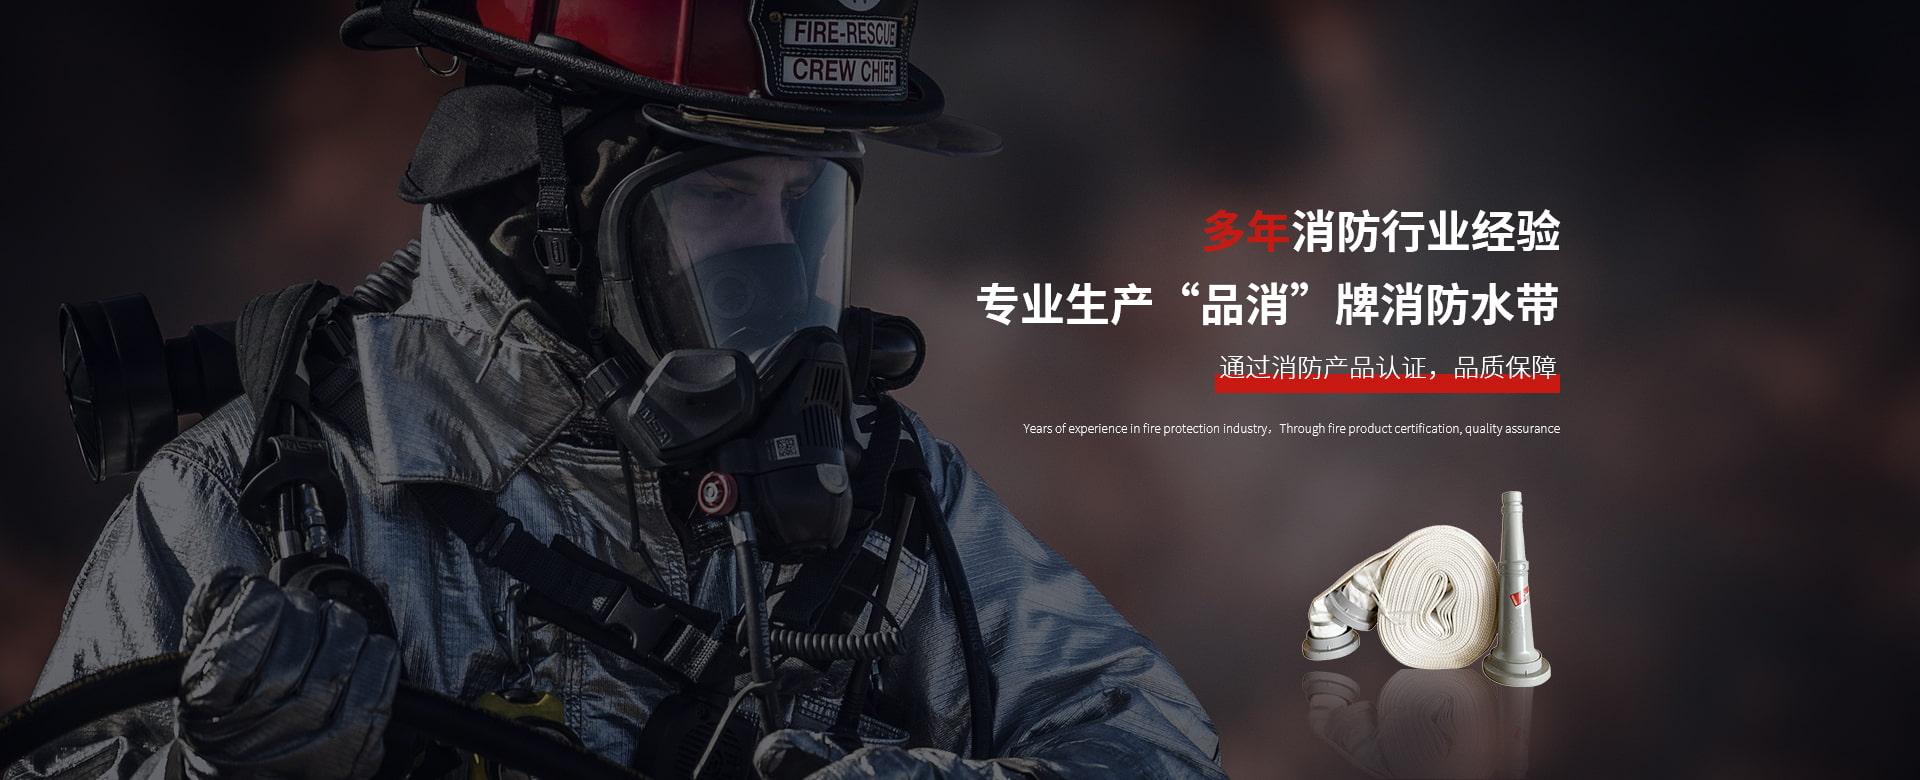 四川消火栓